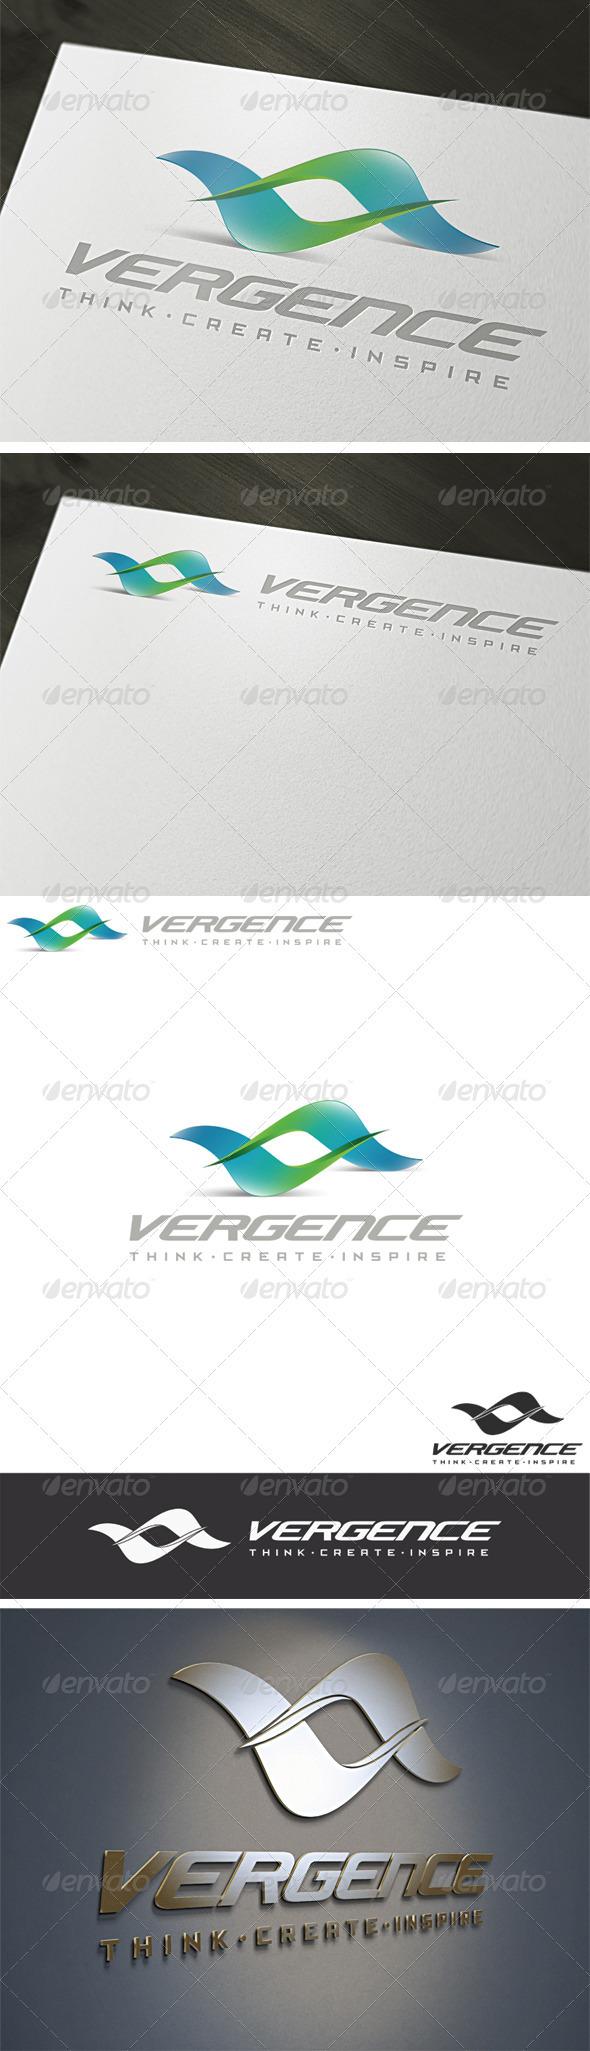 3D Vergence Logo Template